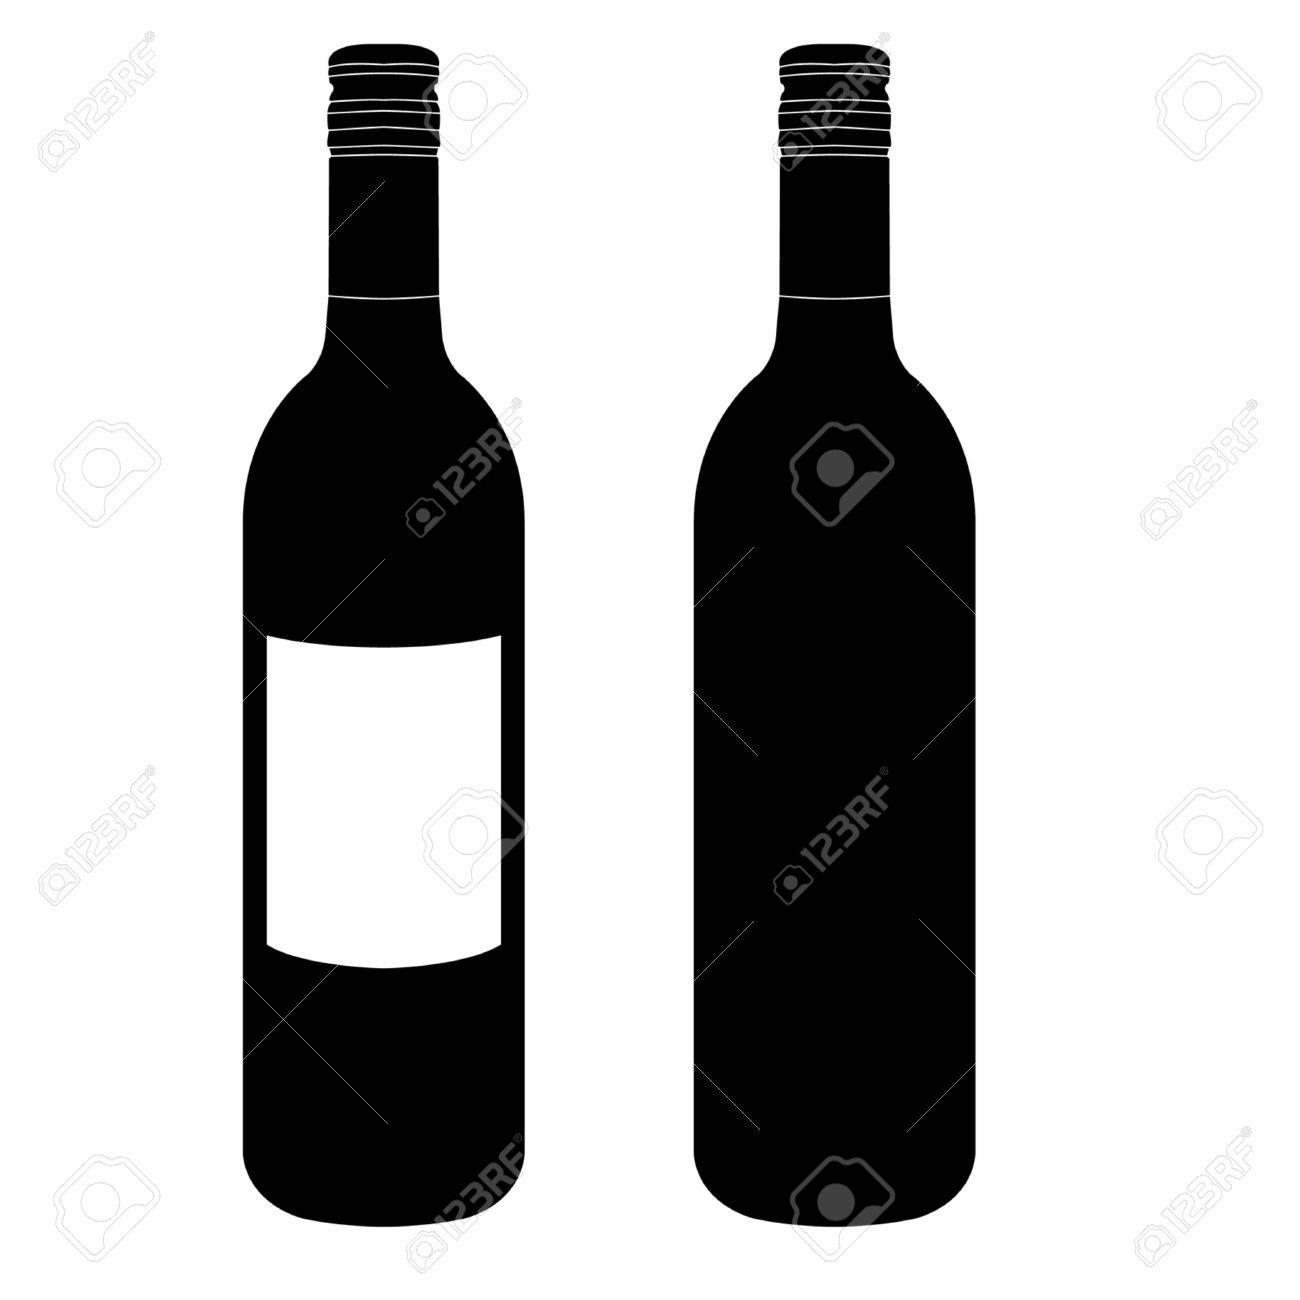 bouteille de vin vecteur